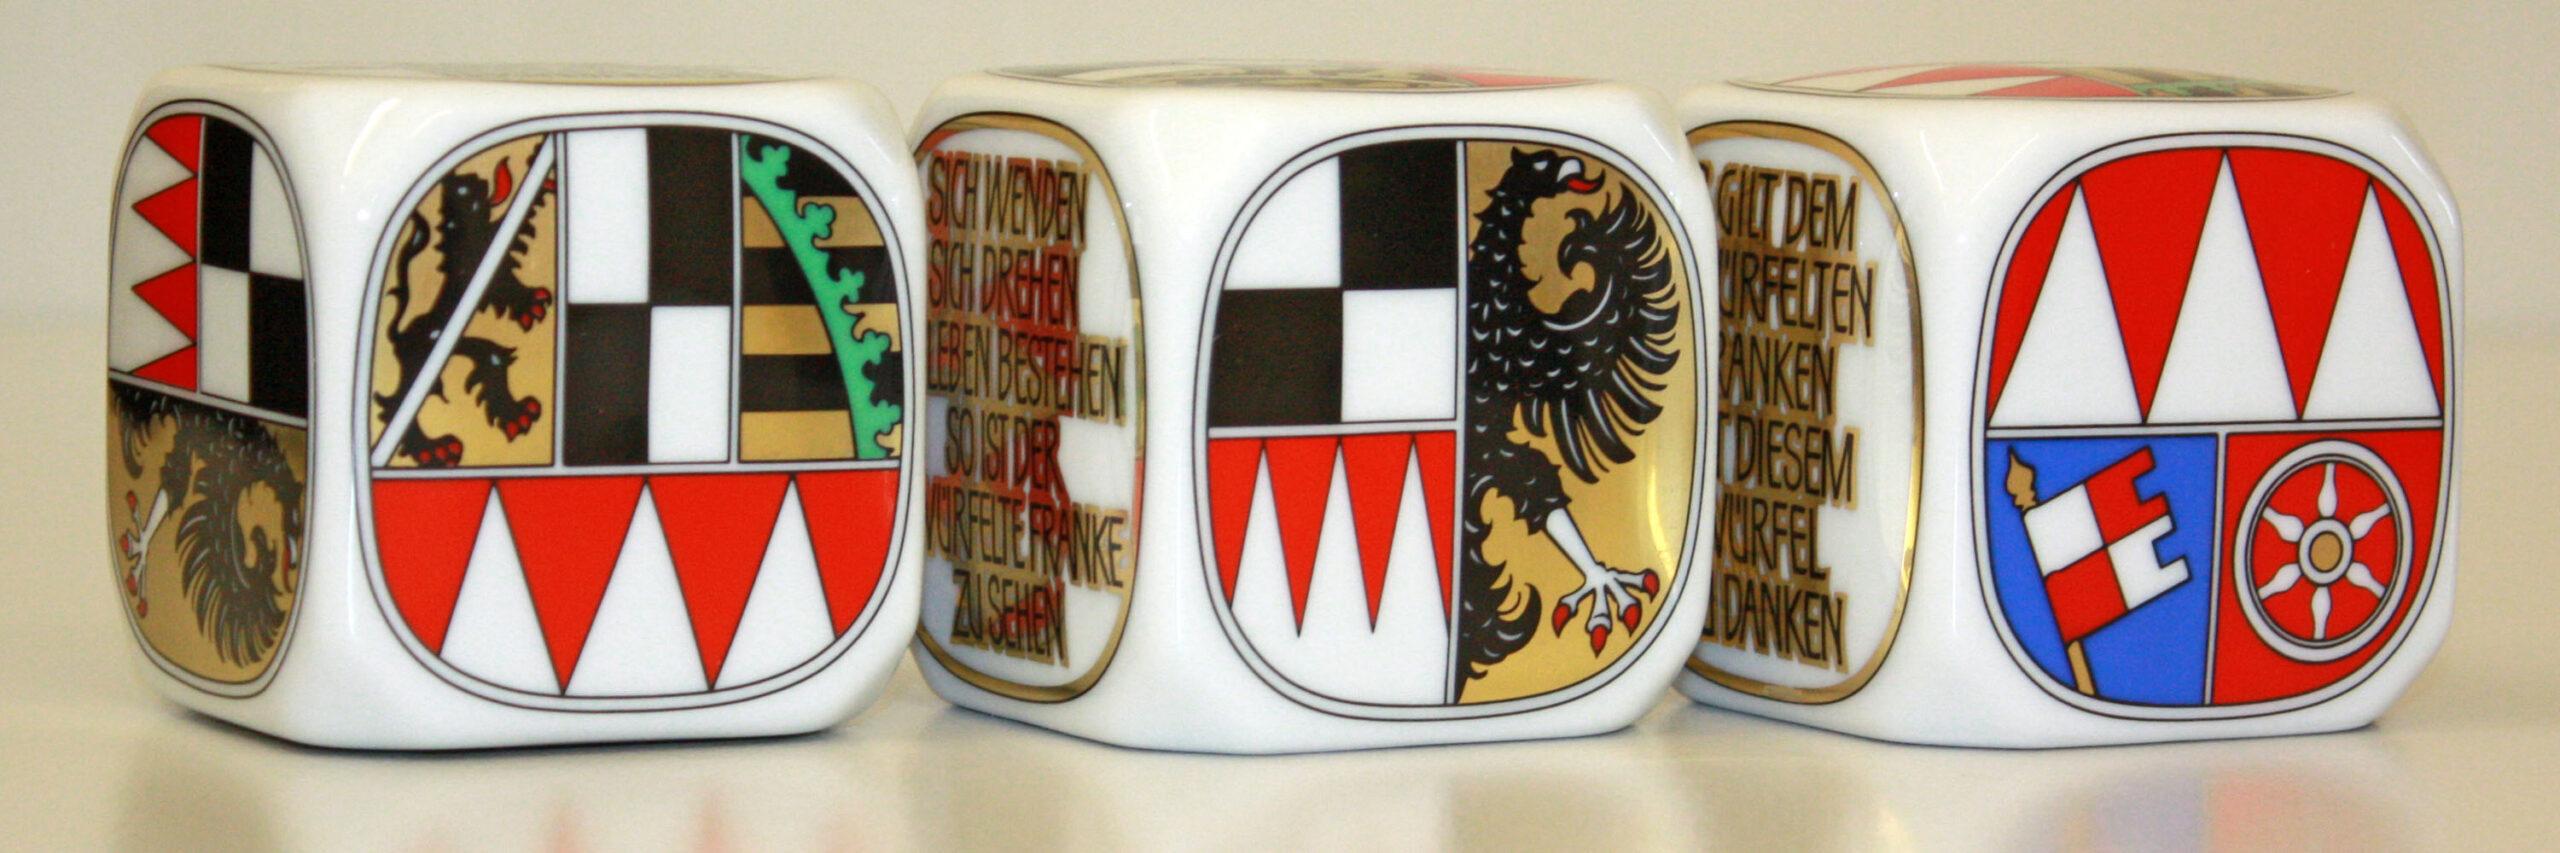 Frankenwürfel mit den drei Wappenseiten